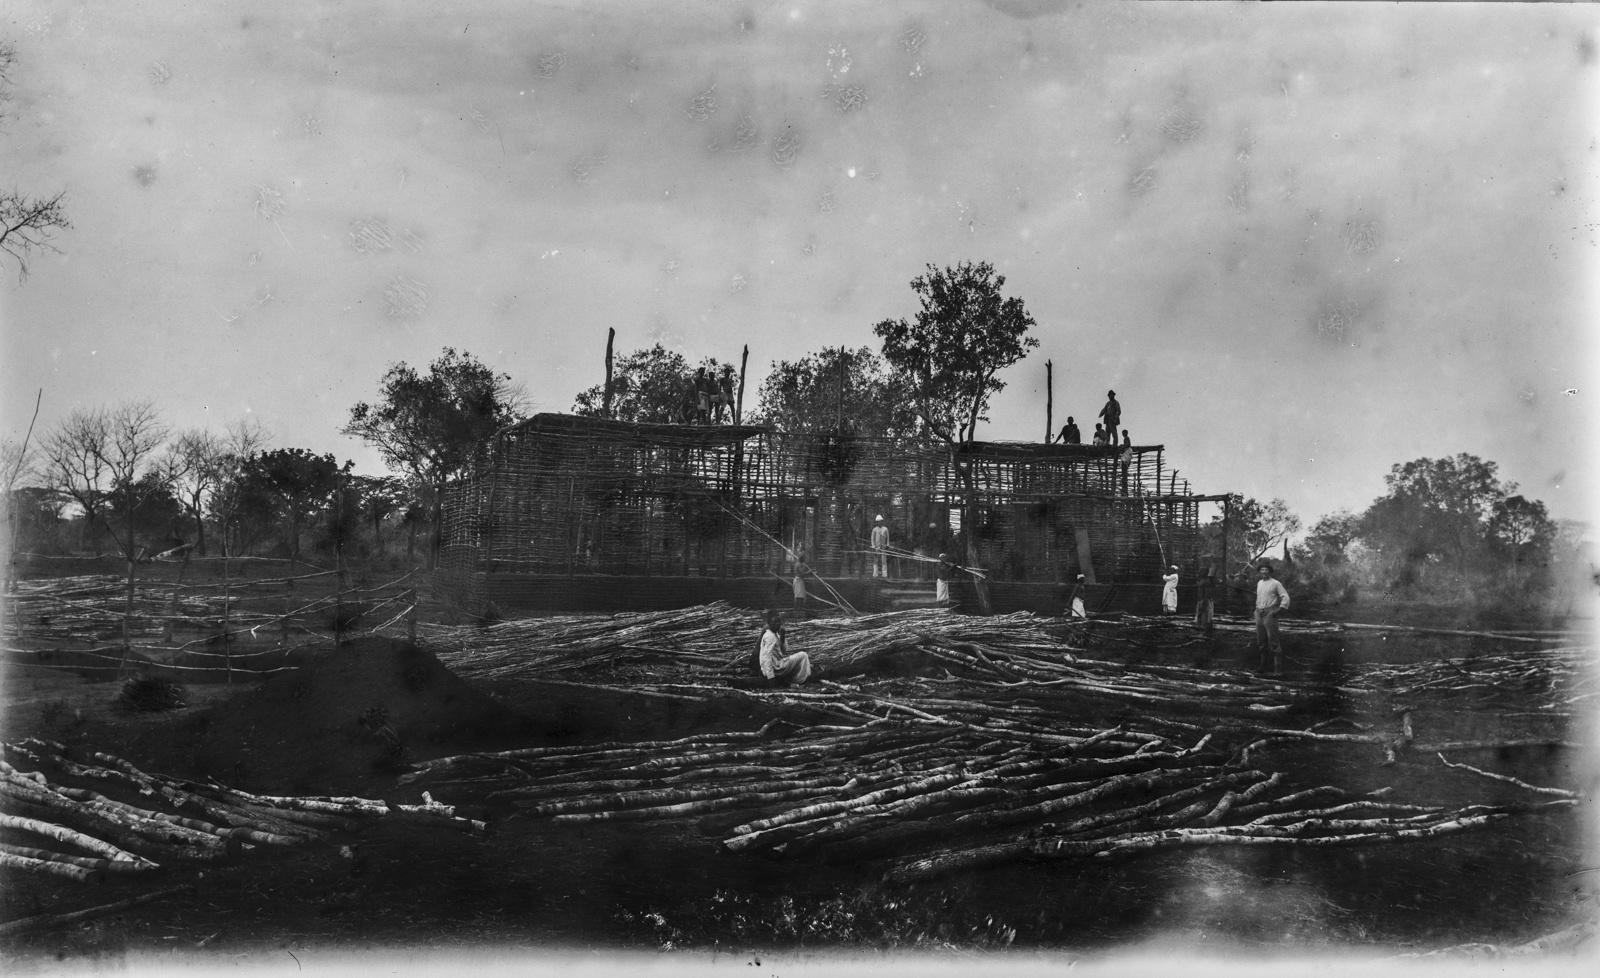 338. Строительство дома писателя Фрица Блея, начальника колонии Узунгула в немецкой Восточной Африке